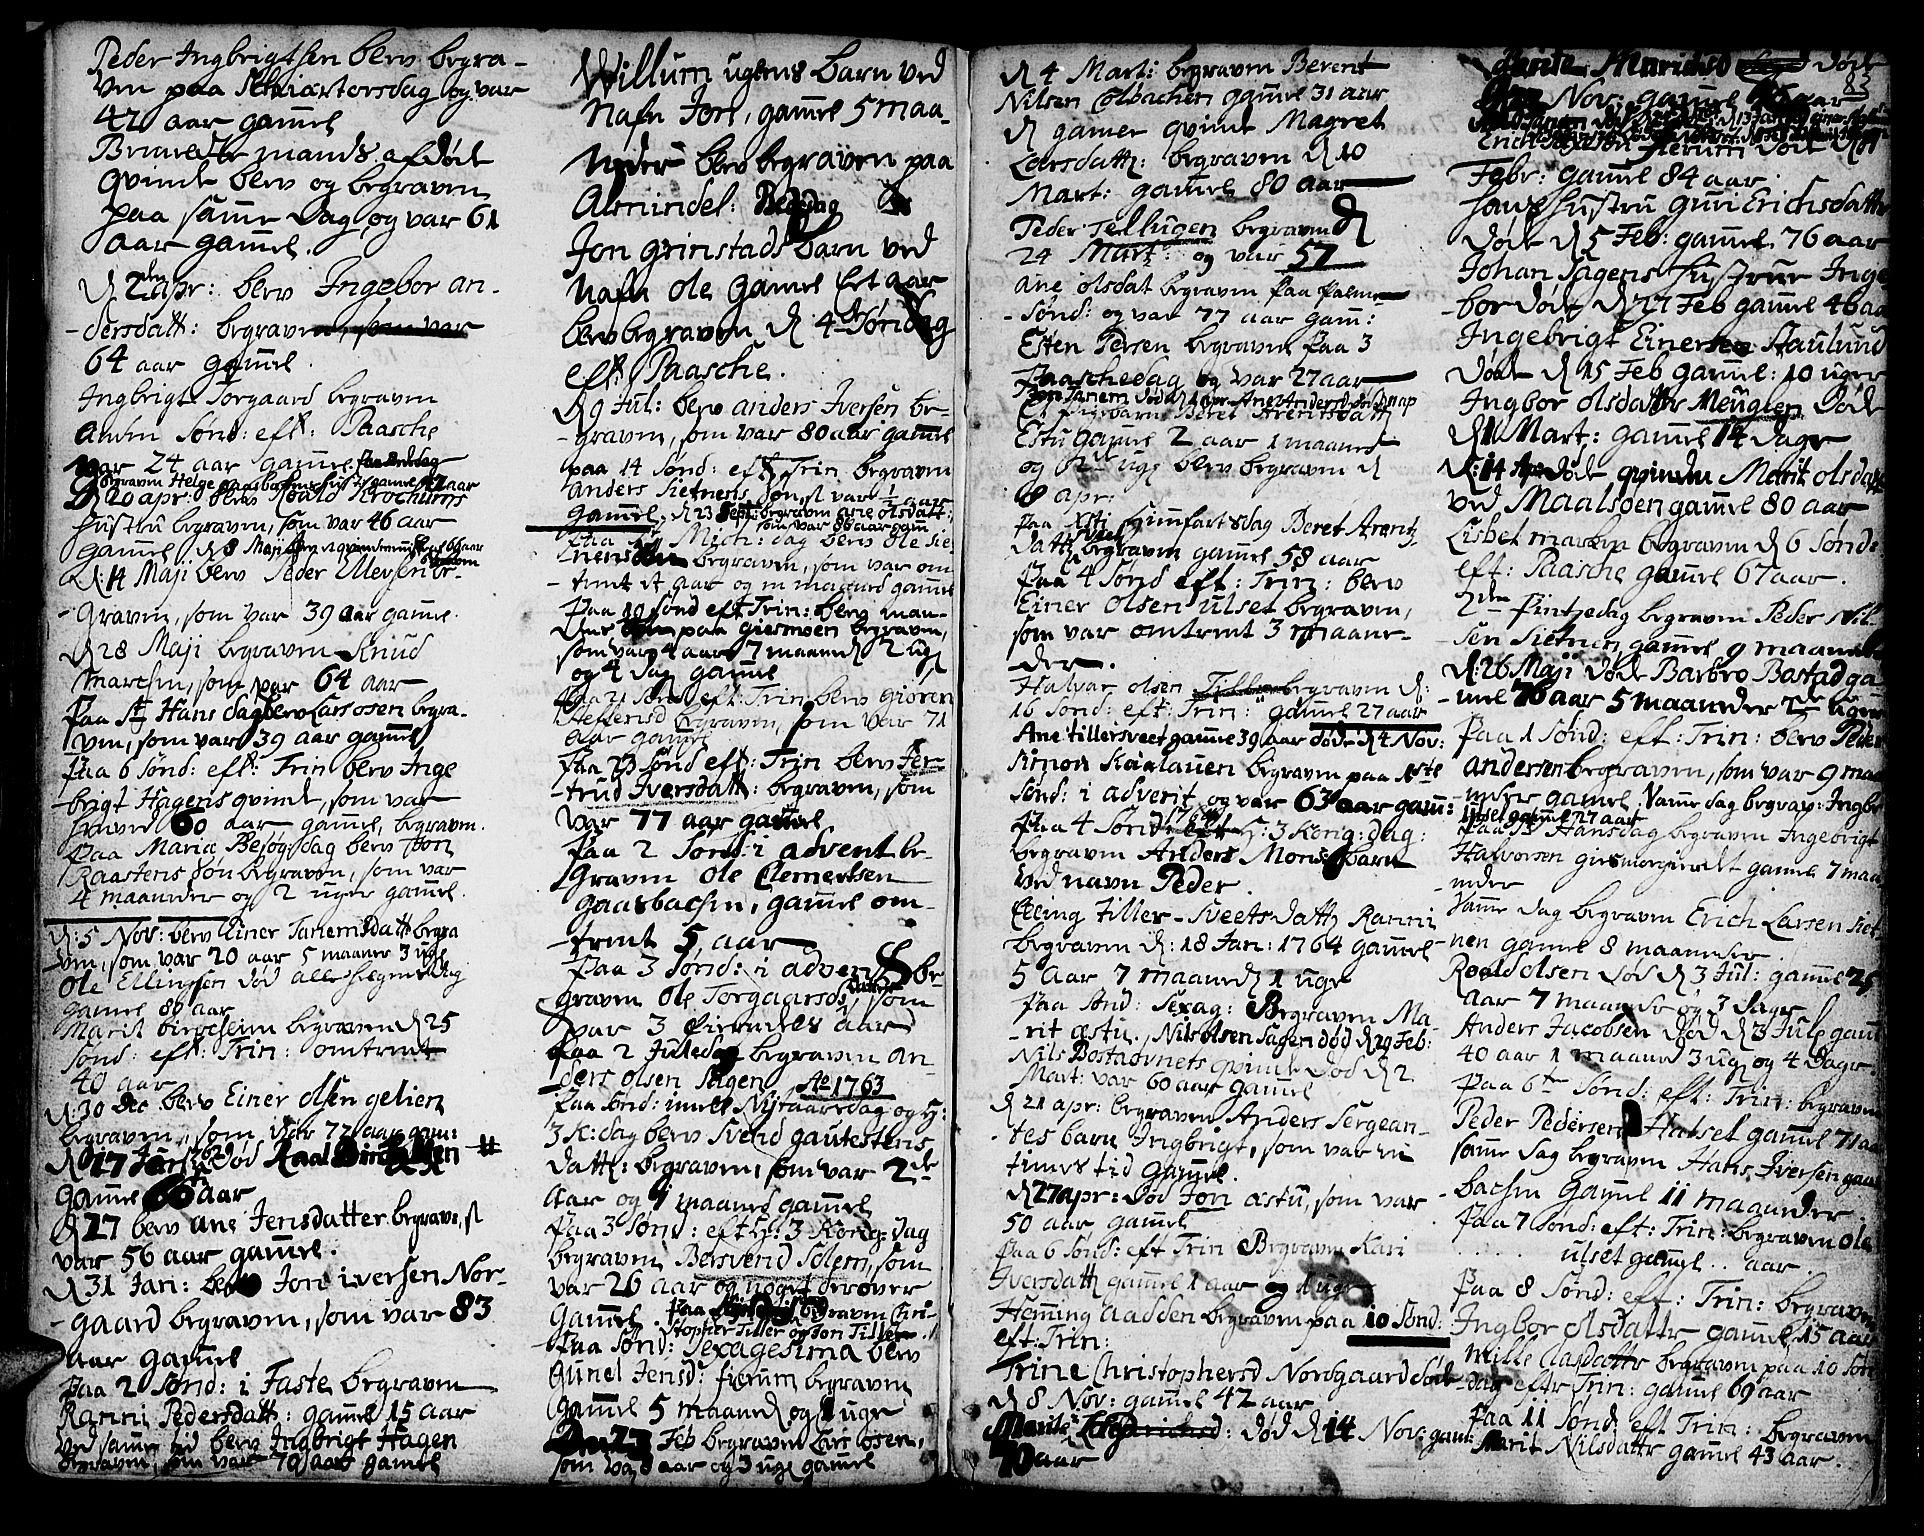 SAT, Ministerialprotokoller, klokkerbøker og fødselsregistre - Sør-Trøndelag, 618/L0437: Ministerialbok nr. 618A02, 1749-1782, s. 83